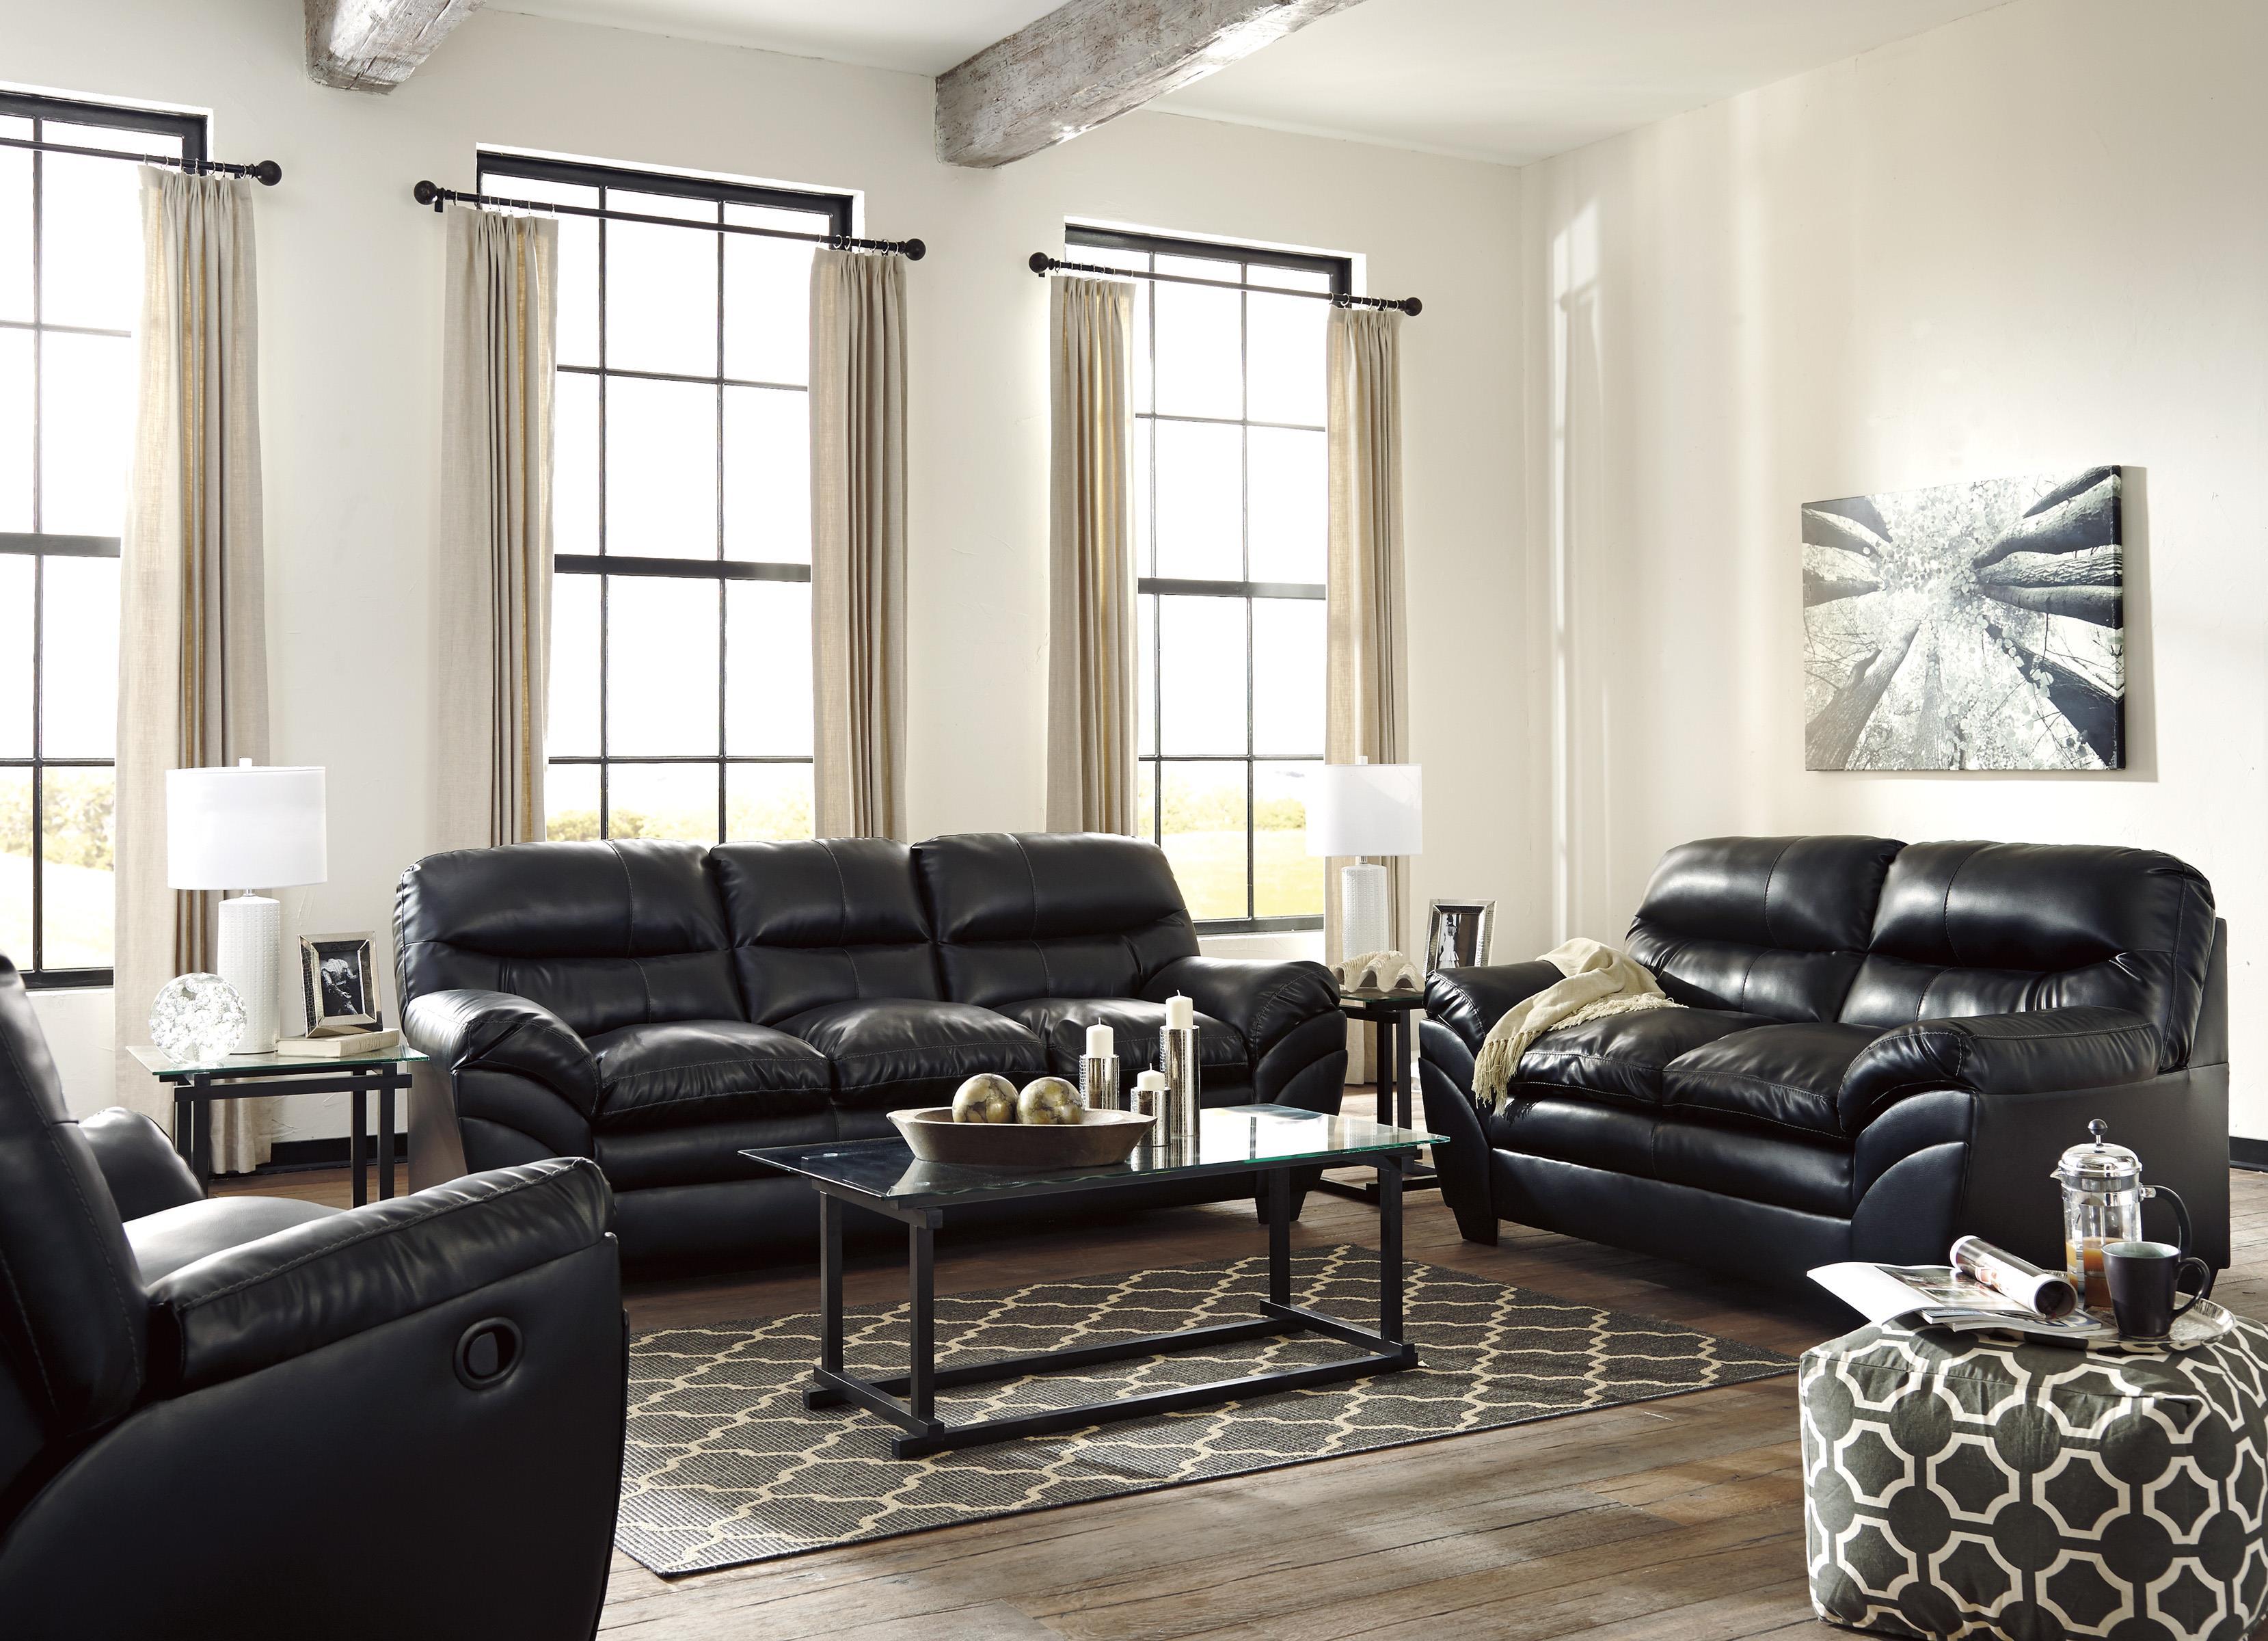 Signature Design by Ashley Tassler DuraBlend® Stationary Living Room Group - Item Number: 46501 Living Room Group 3